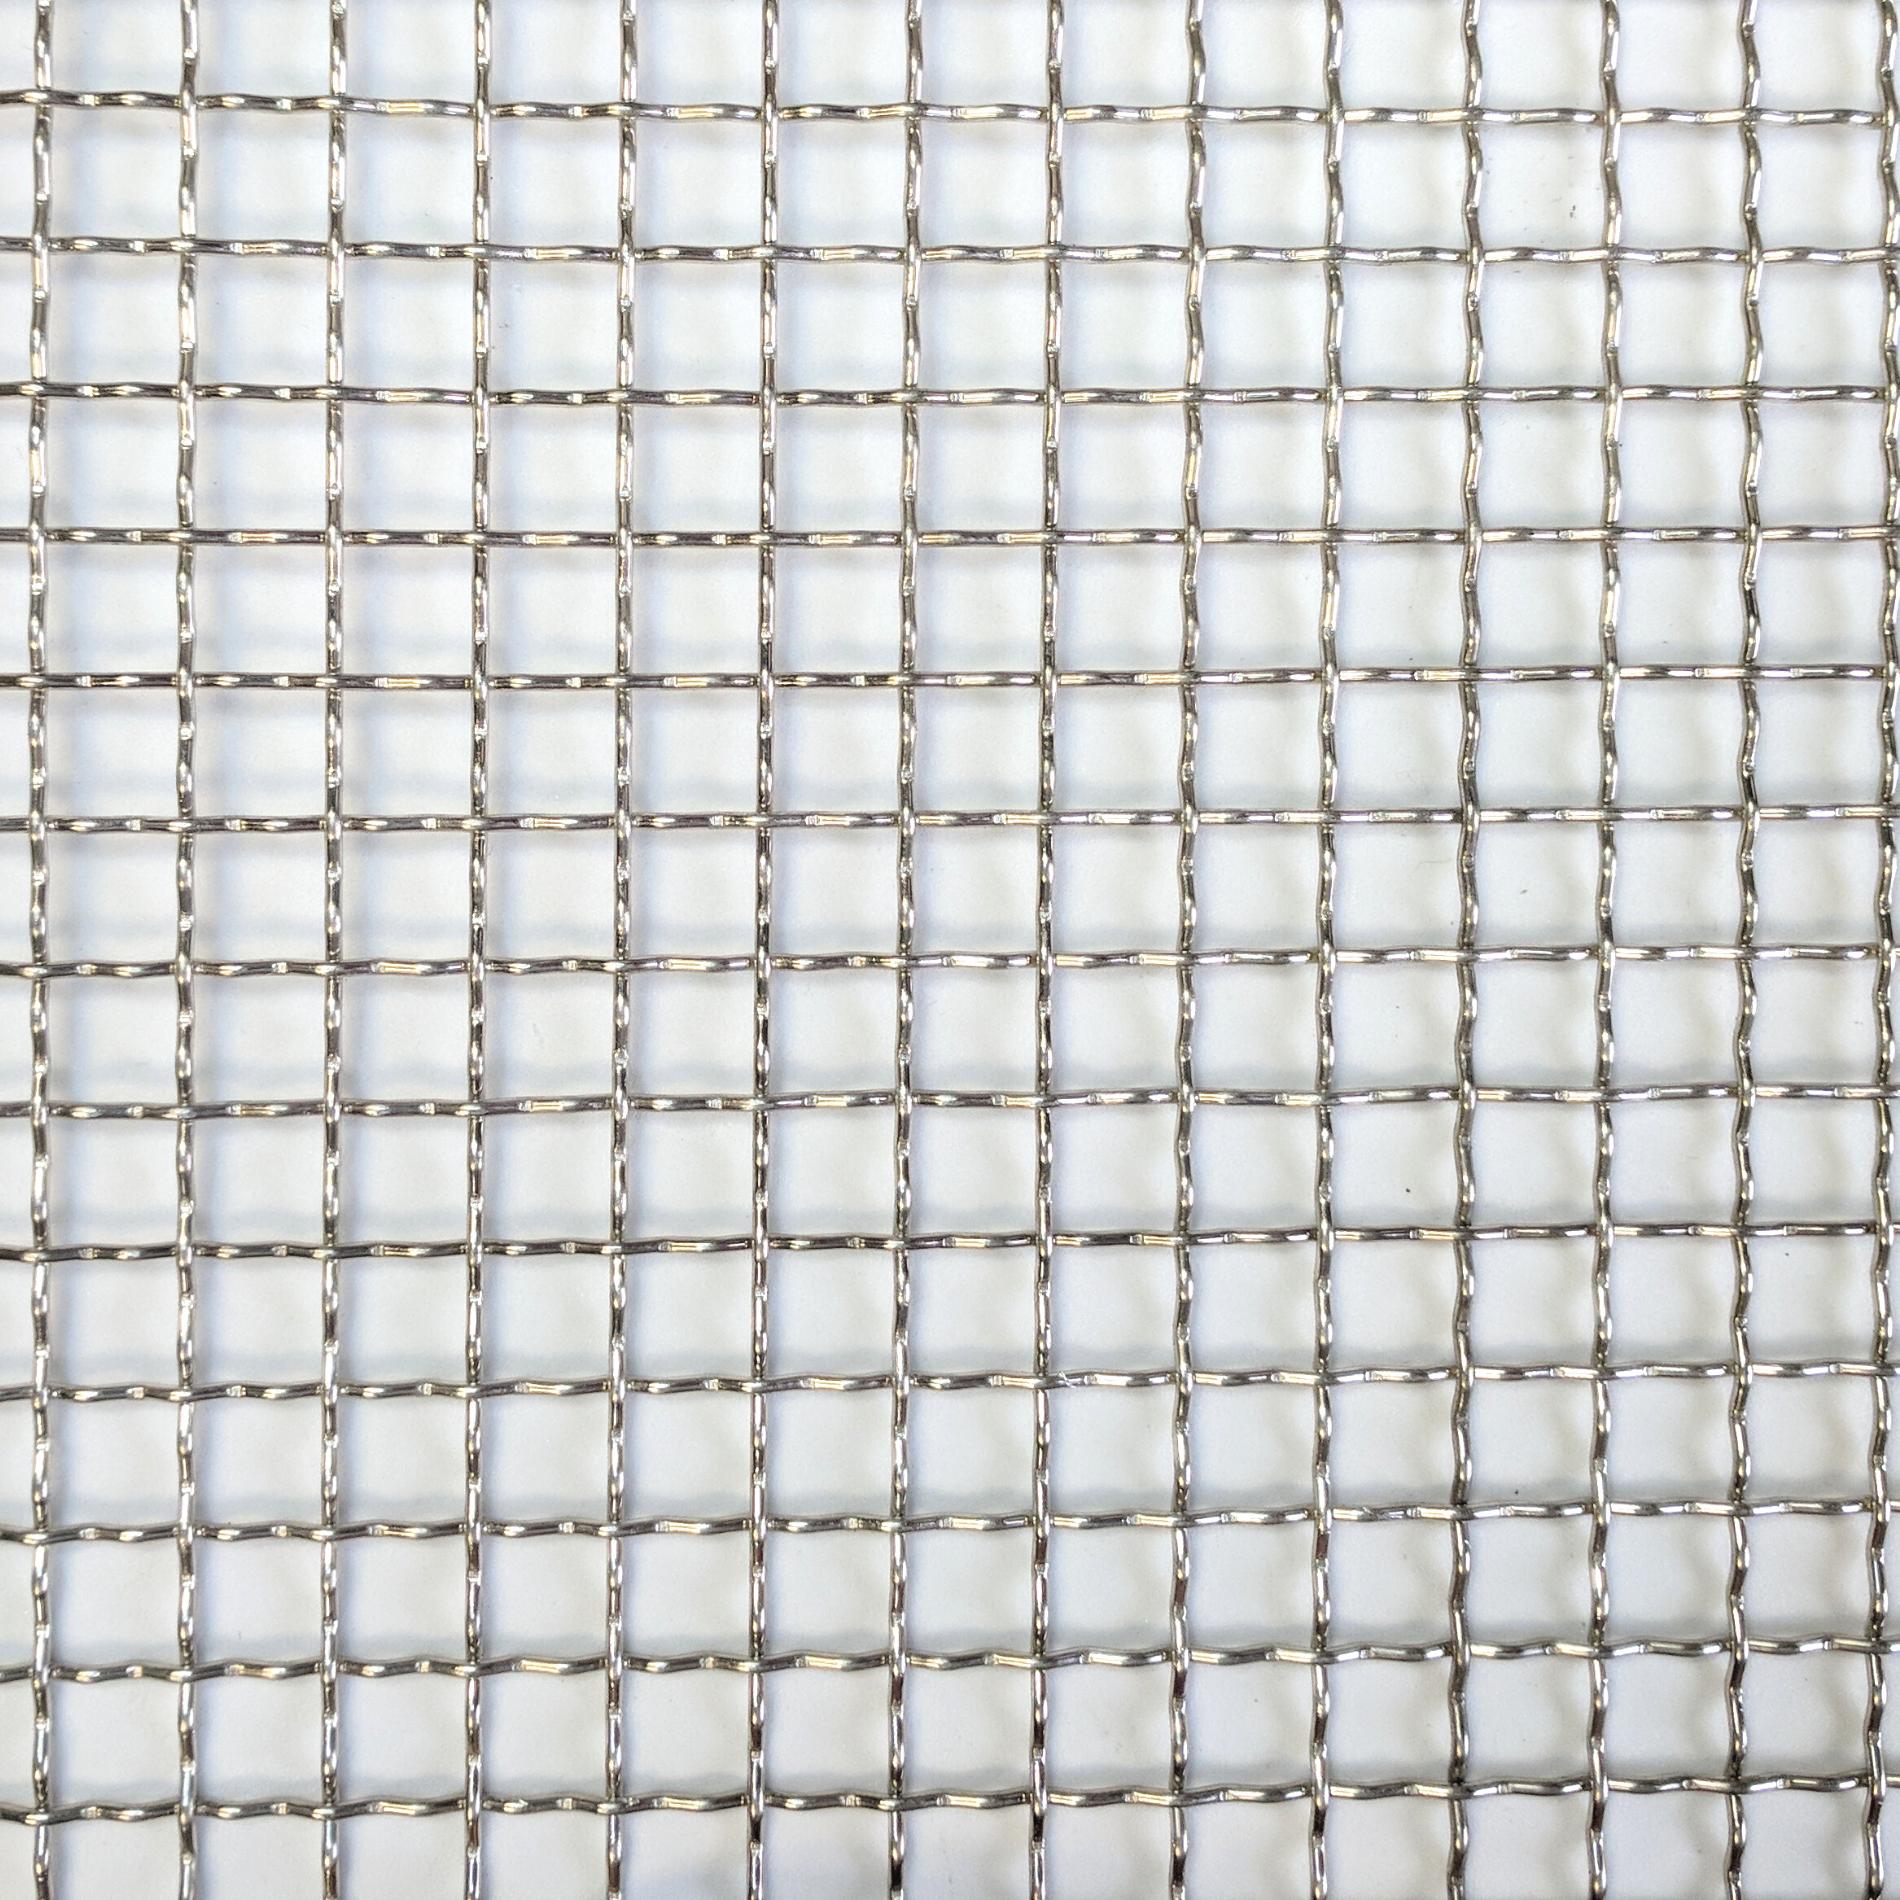 Aluminum Wire Mesh 2 .063